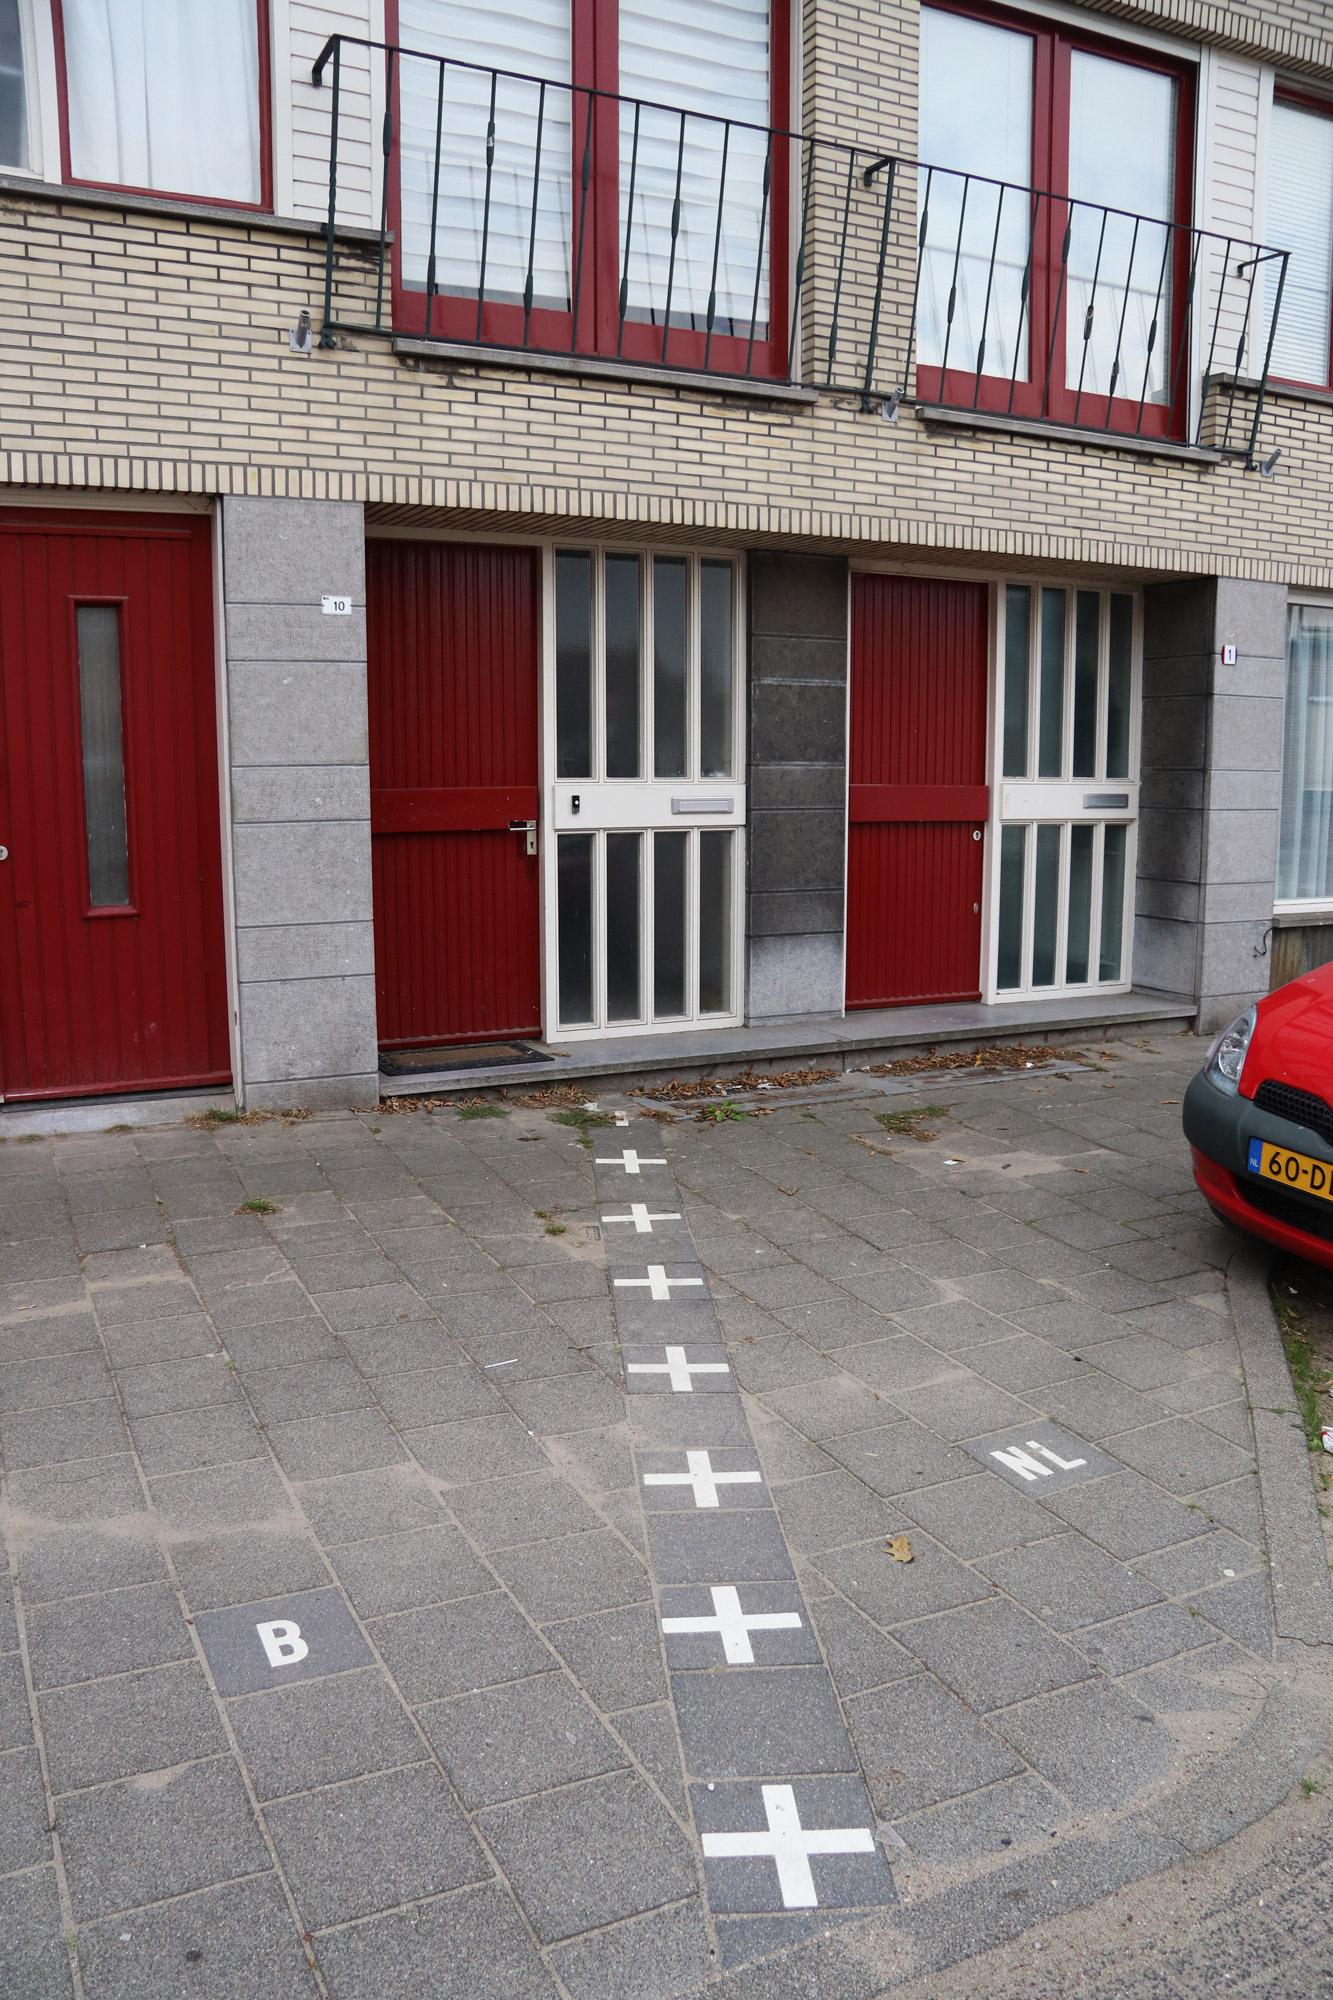 Een vreemd Nederlands/Belgisch dorp: Baarle - Dit huis staat deels in Nederland en deels in België